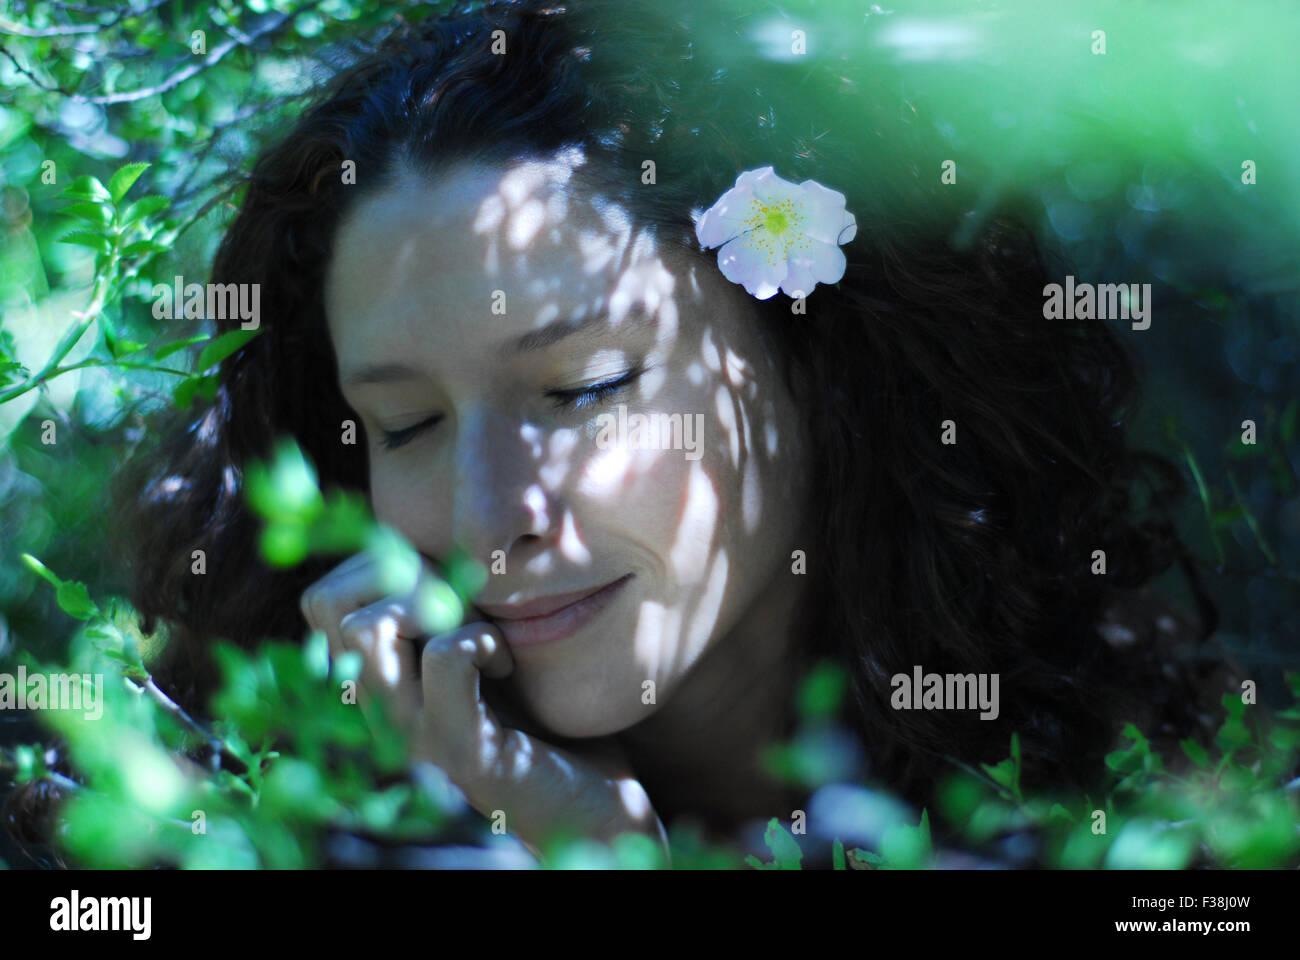 Adorável garota entre um lote de folhas verdes com soft pink pequena flor no seu cabelo ondulado Imagens de Stock